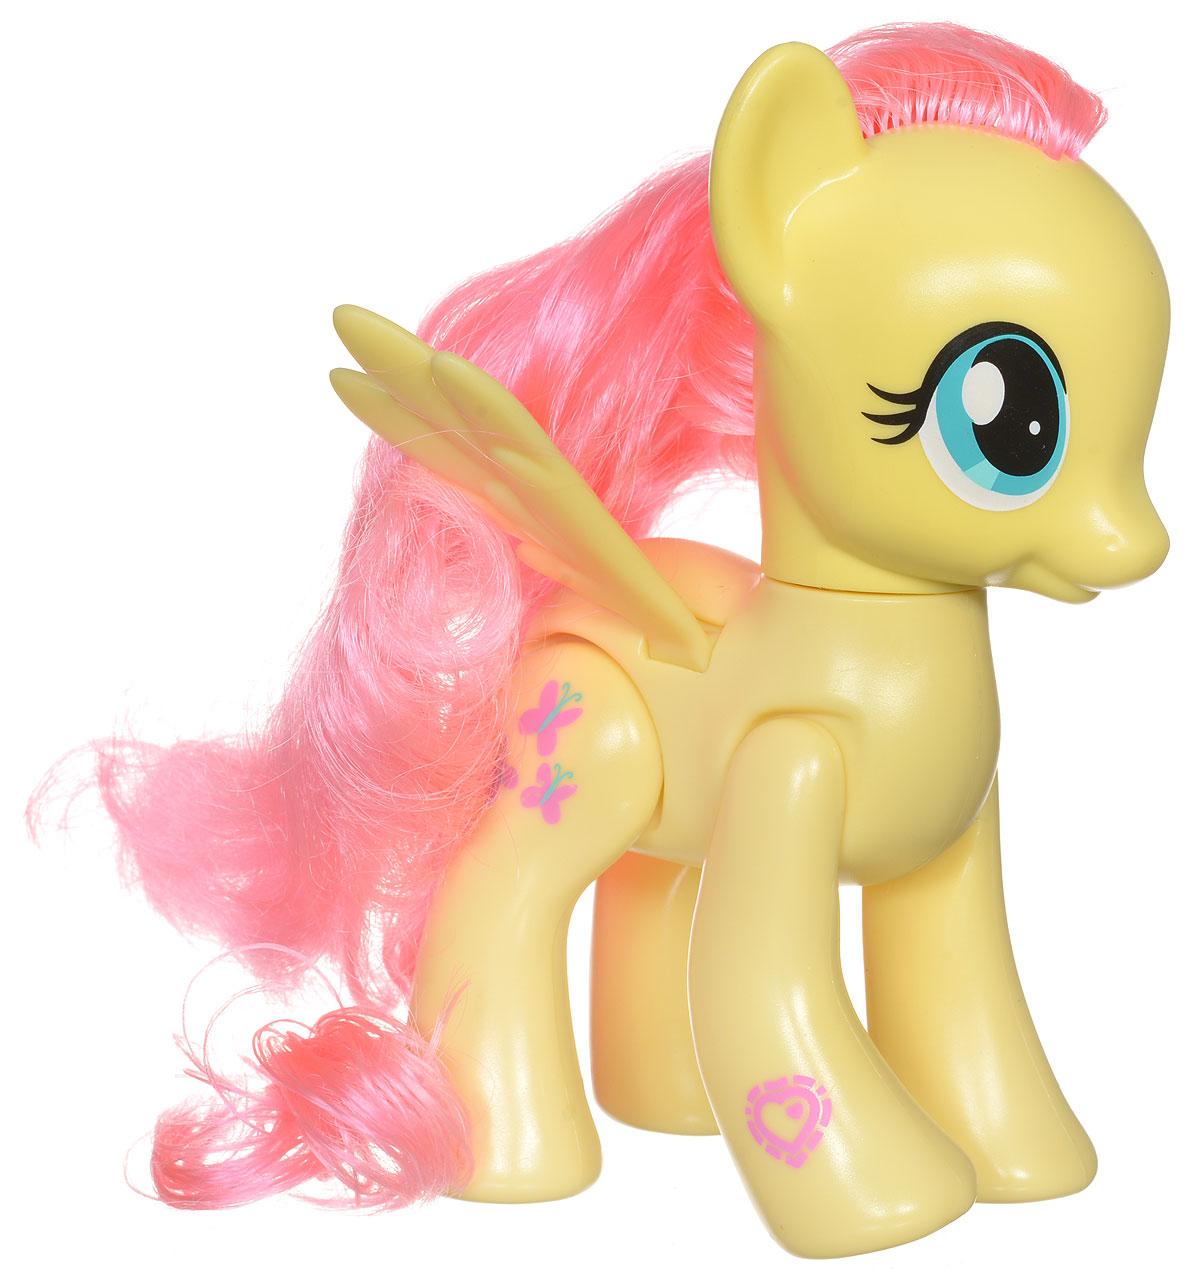 My Little Pony Фигурка функциональная FluttershyB3601EU4_B7294Функциональная фигурка My Little Pony Fluttershy надолго увлечет вашу малышку! Она изготовлена из качественных и безопасных для детского здоровья материалов в виде пони Fluttershy. У пони красивая густая грива и хвост, которые можно расчесывать. Малышка сможет придумать различные прически для милашки пони. Если подвигать правую переднюю ножку пони, то фигурка начнет шевелить головой и махать крылышками. Сделайте вашей малышке такой замечательный подарок!